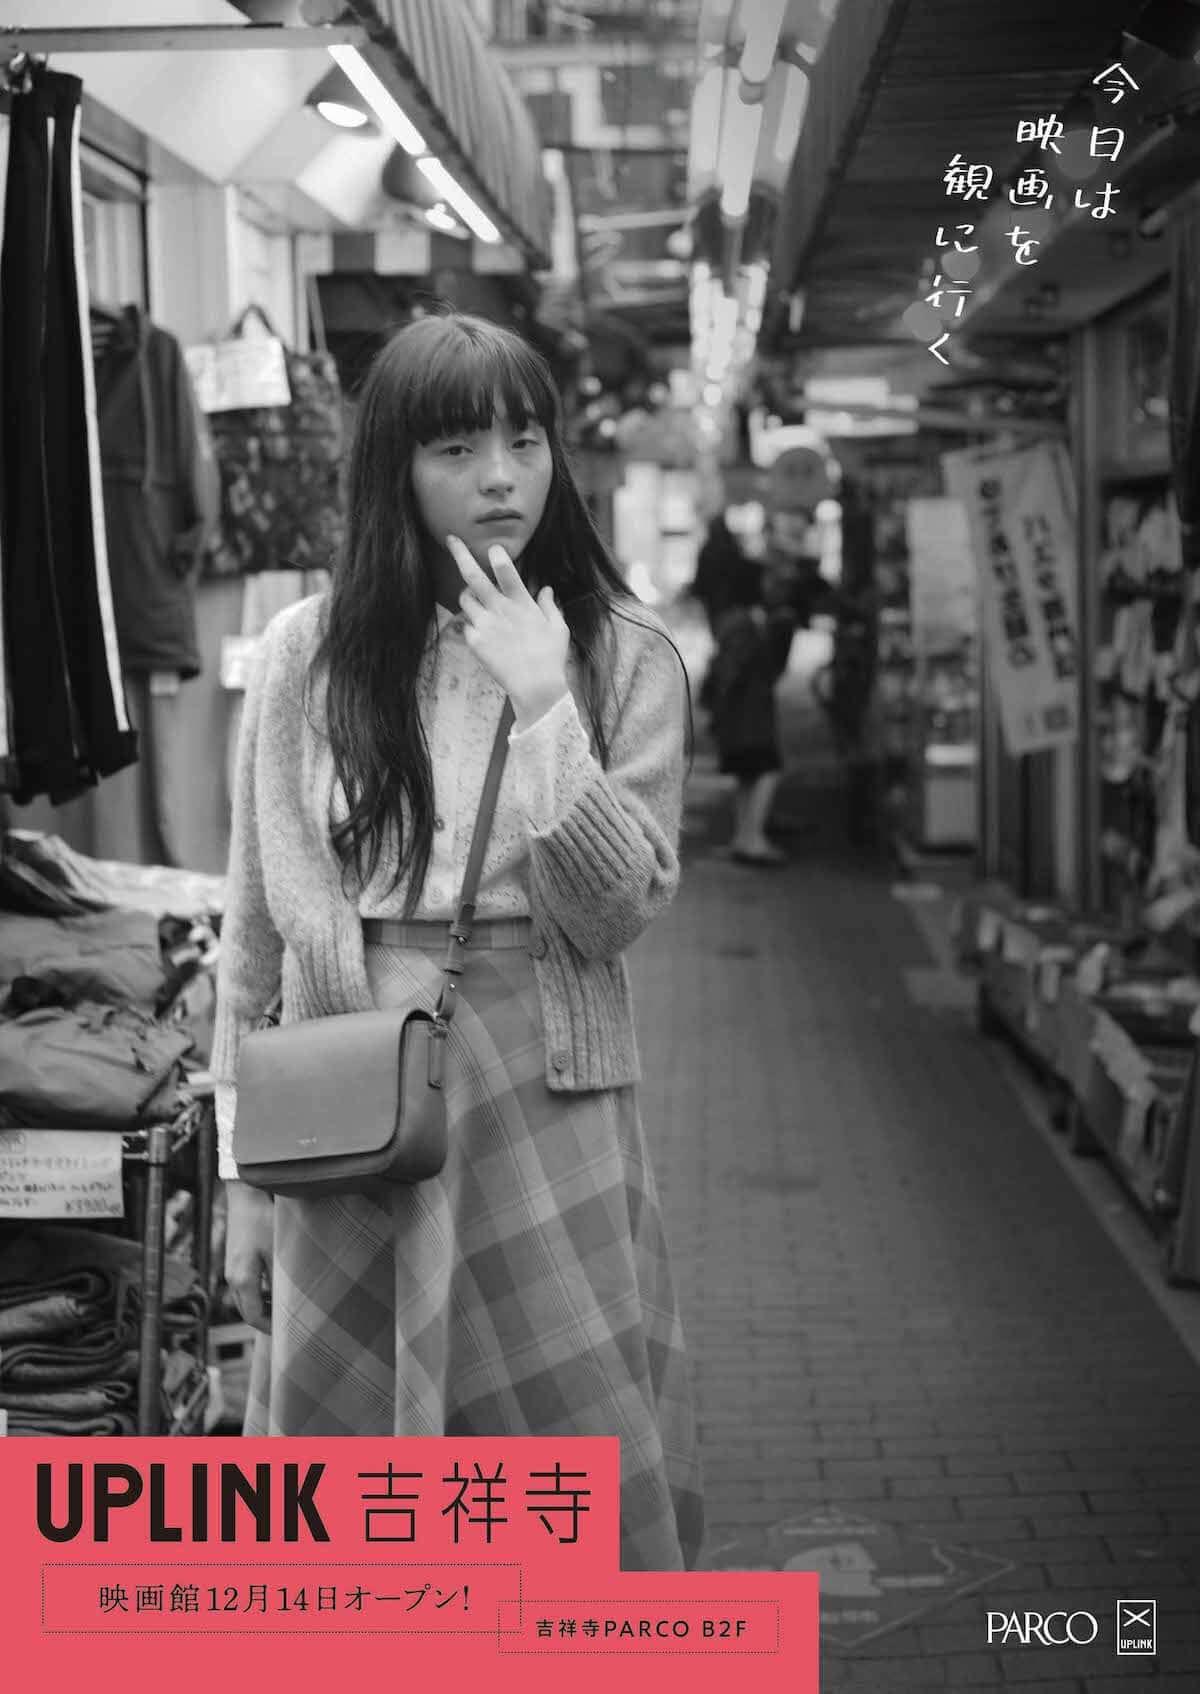 12月オープンの映画館「アップリンク吉祥寺」オープニング企画続々決定! film181118-joji-uplink-1-1200x1694